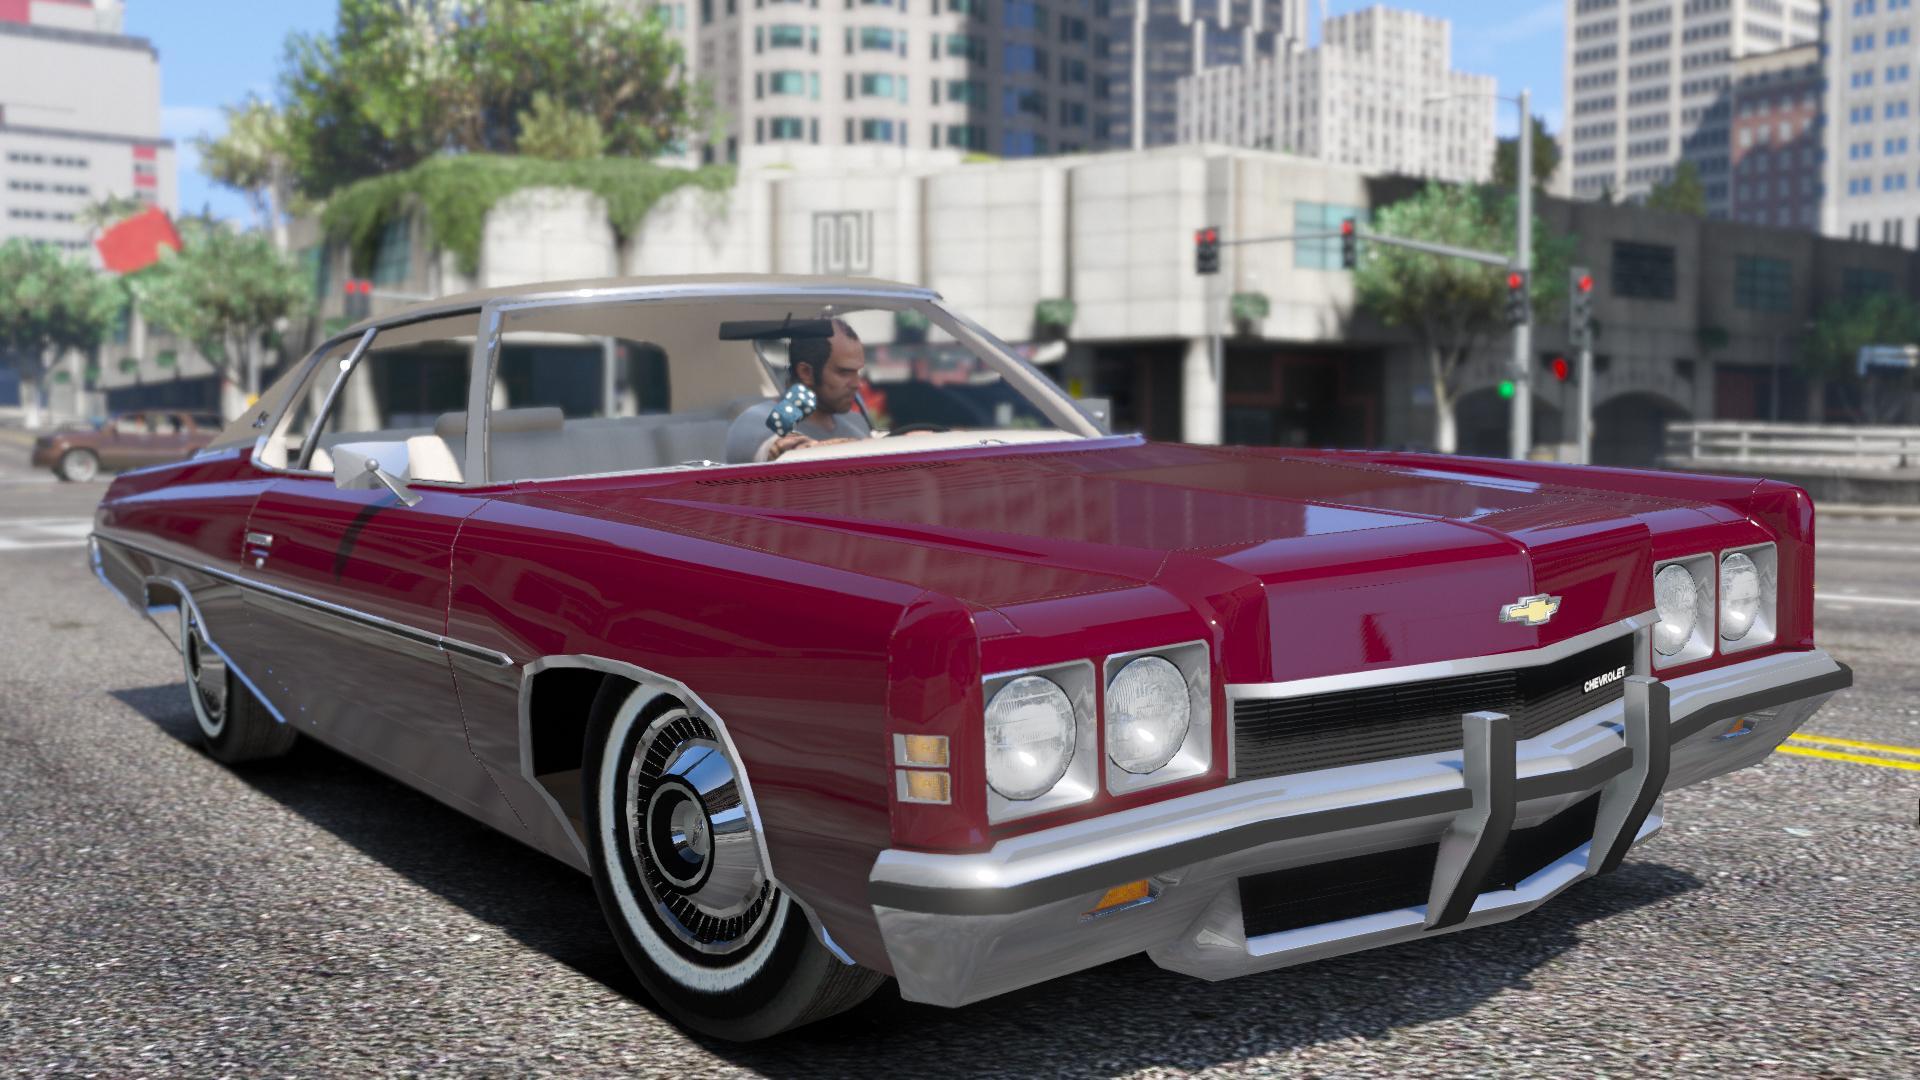 Chevrolet Impala 1972 - GTA5-Mods.com